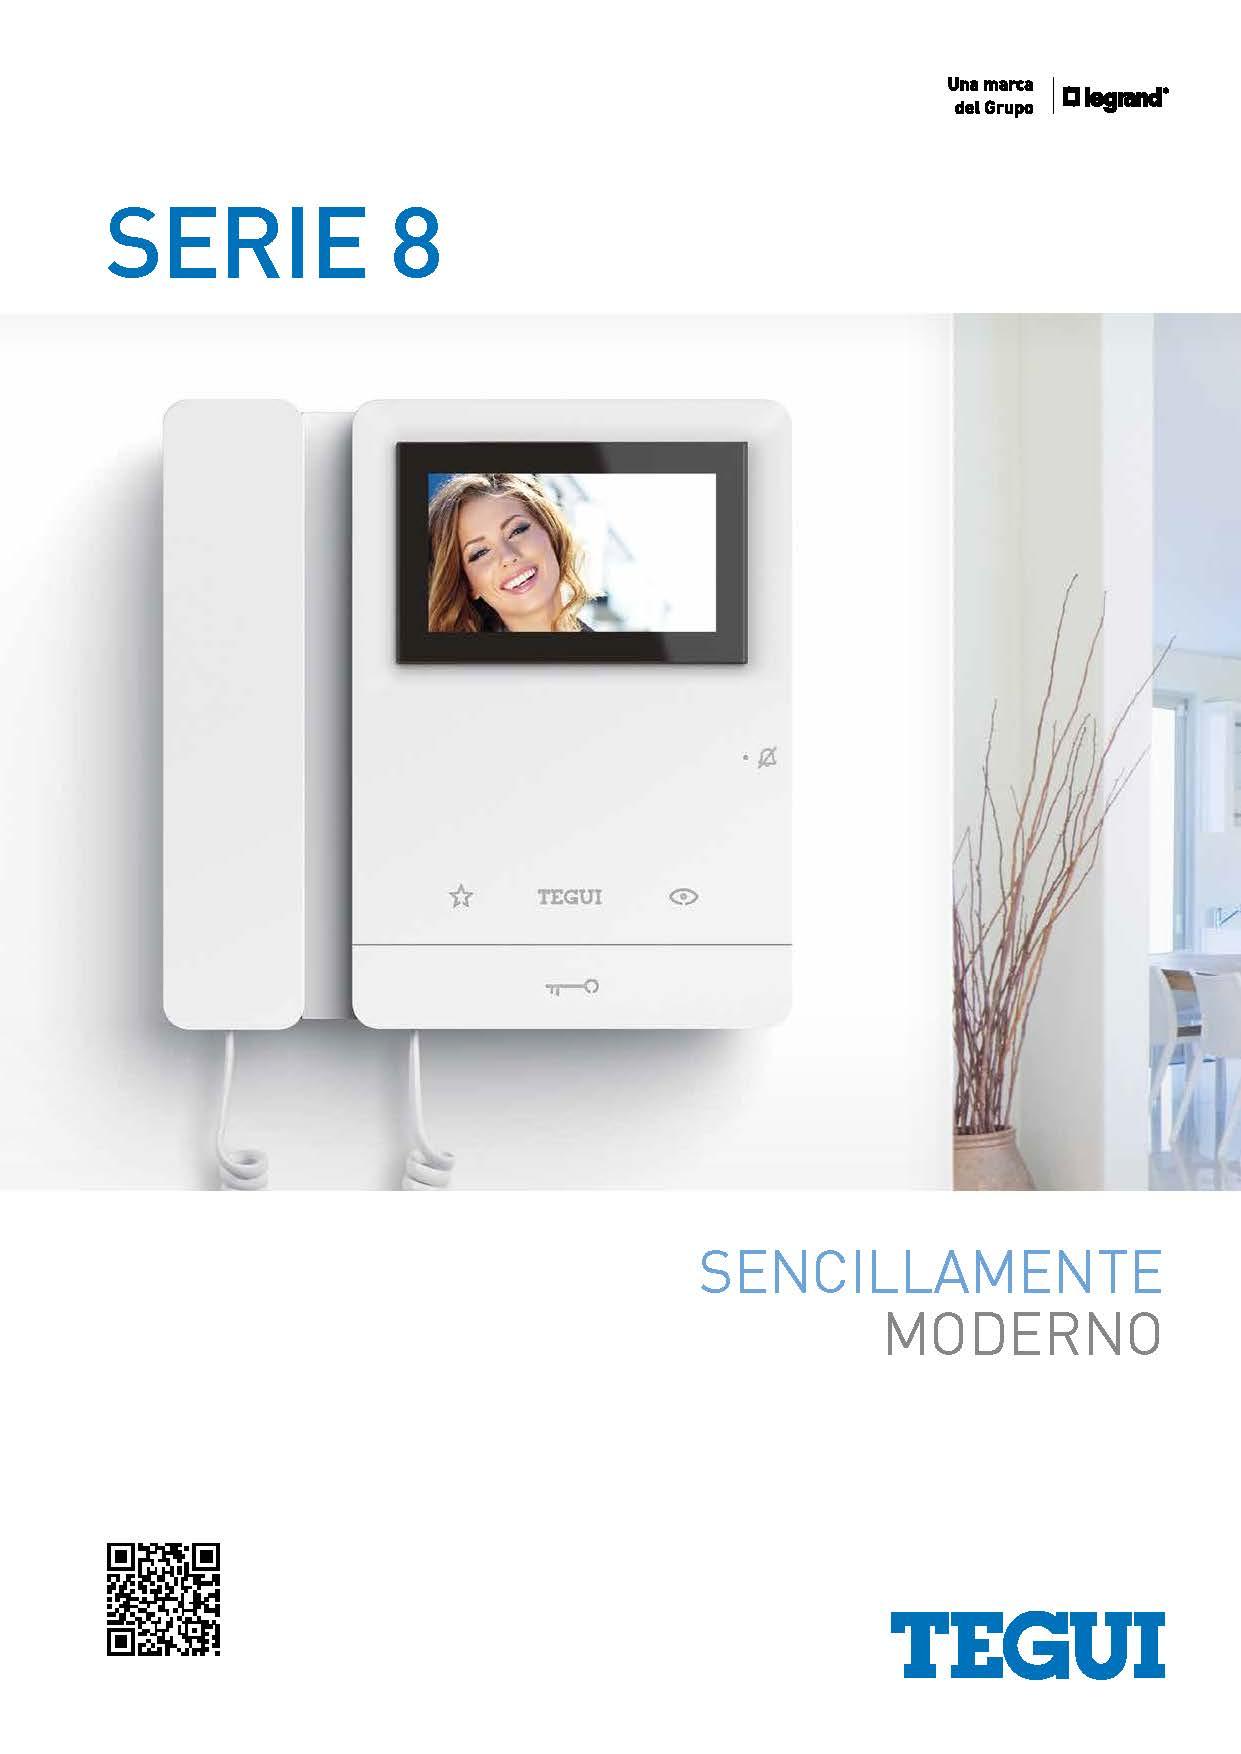 Nuevo monitor video portero  Serie 8 Tegui Legrand